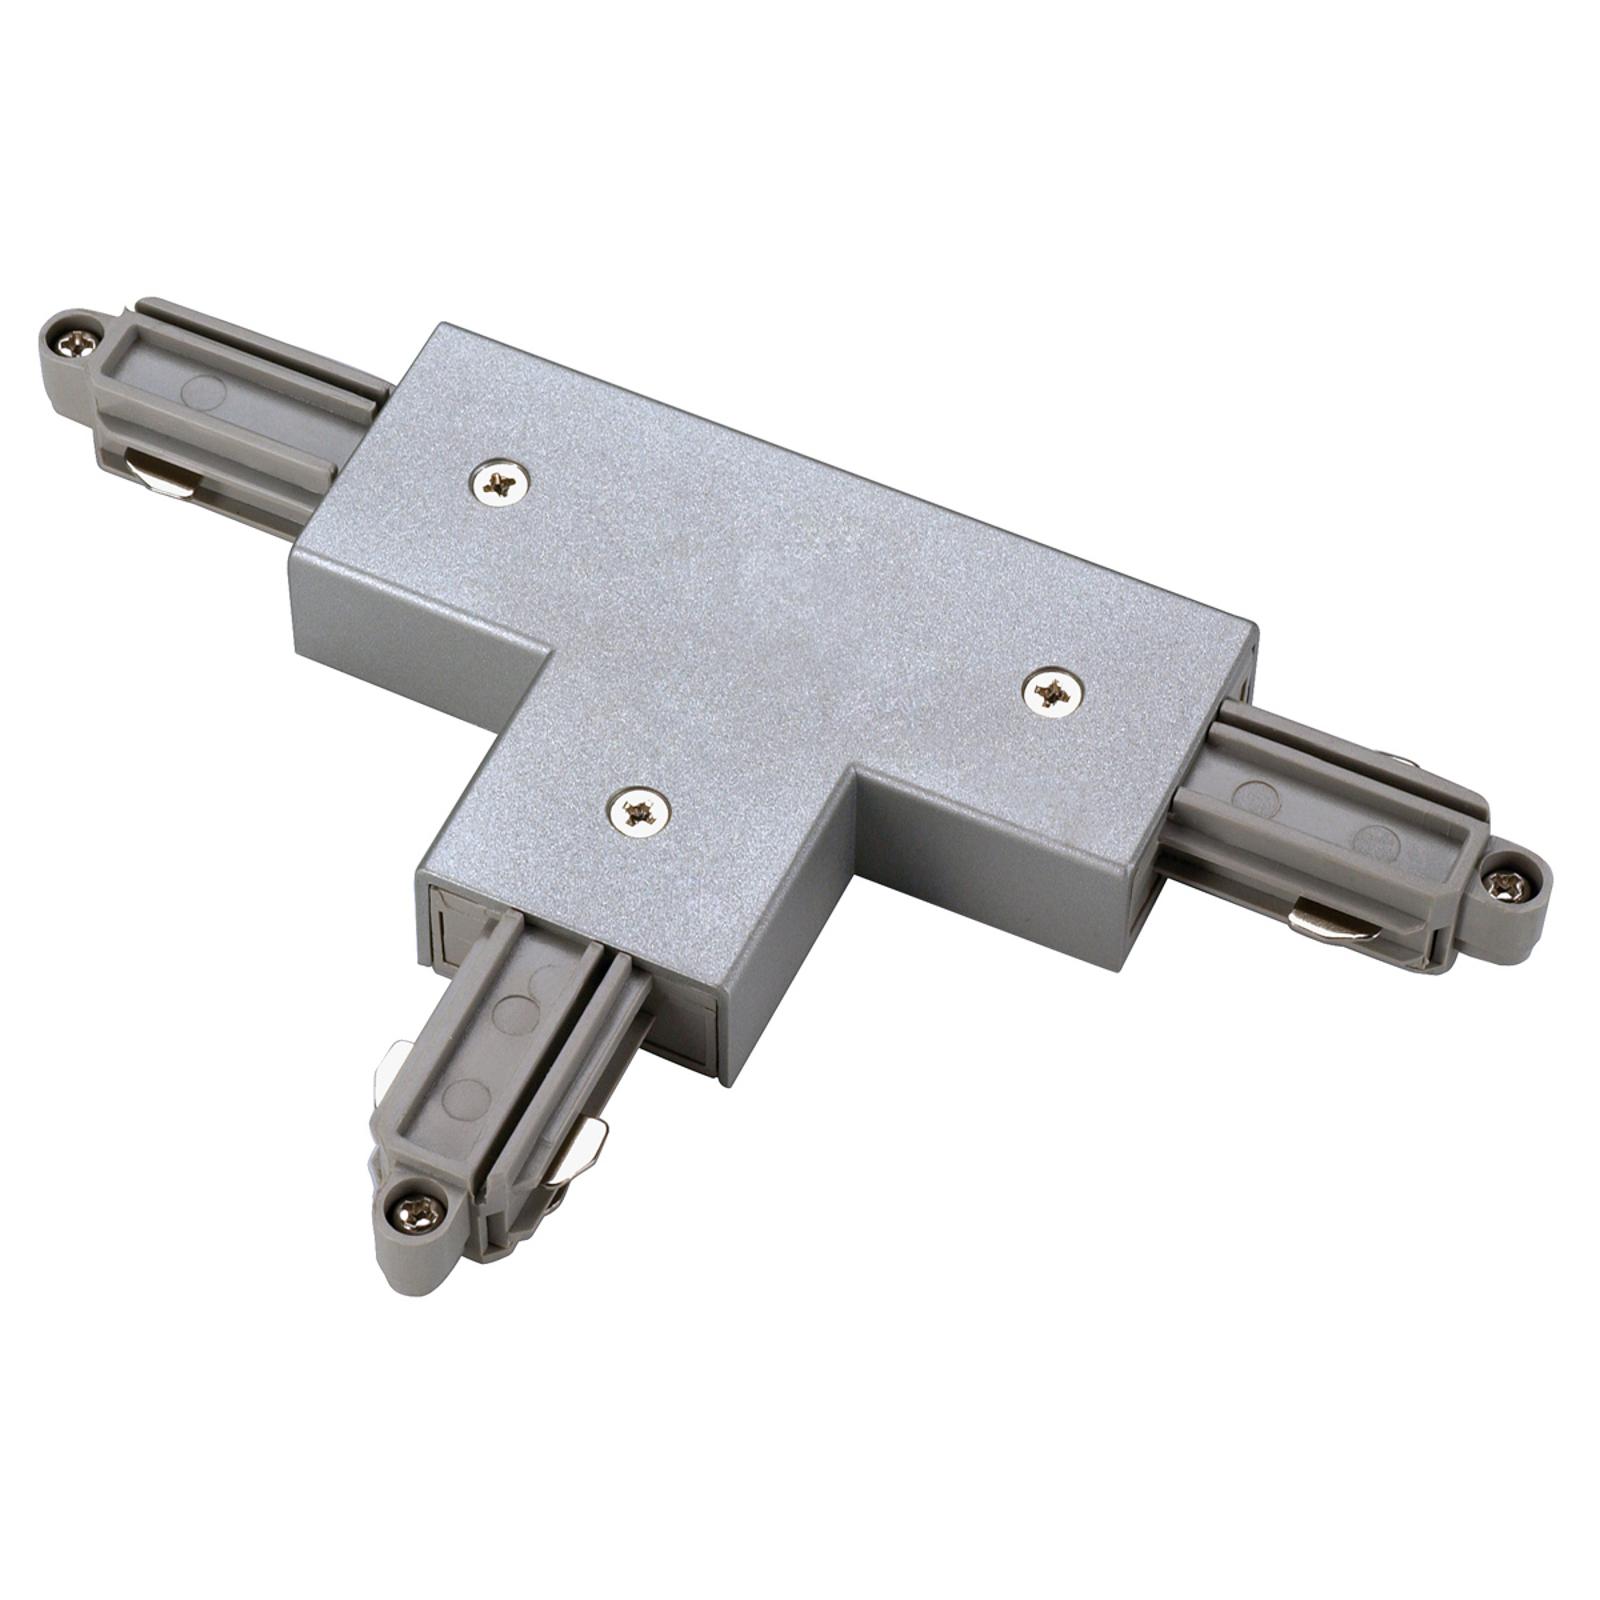 SLV T-kontakt 1-fase HV-skinne venstre, sølv